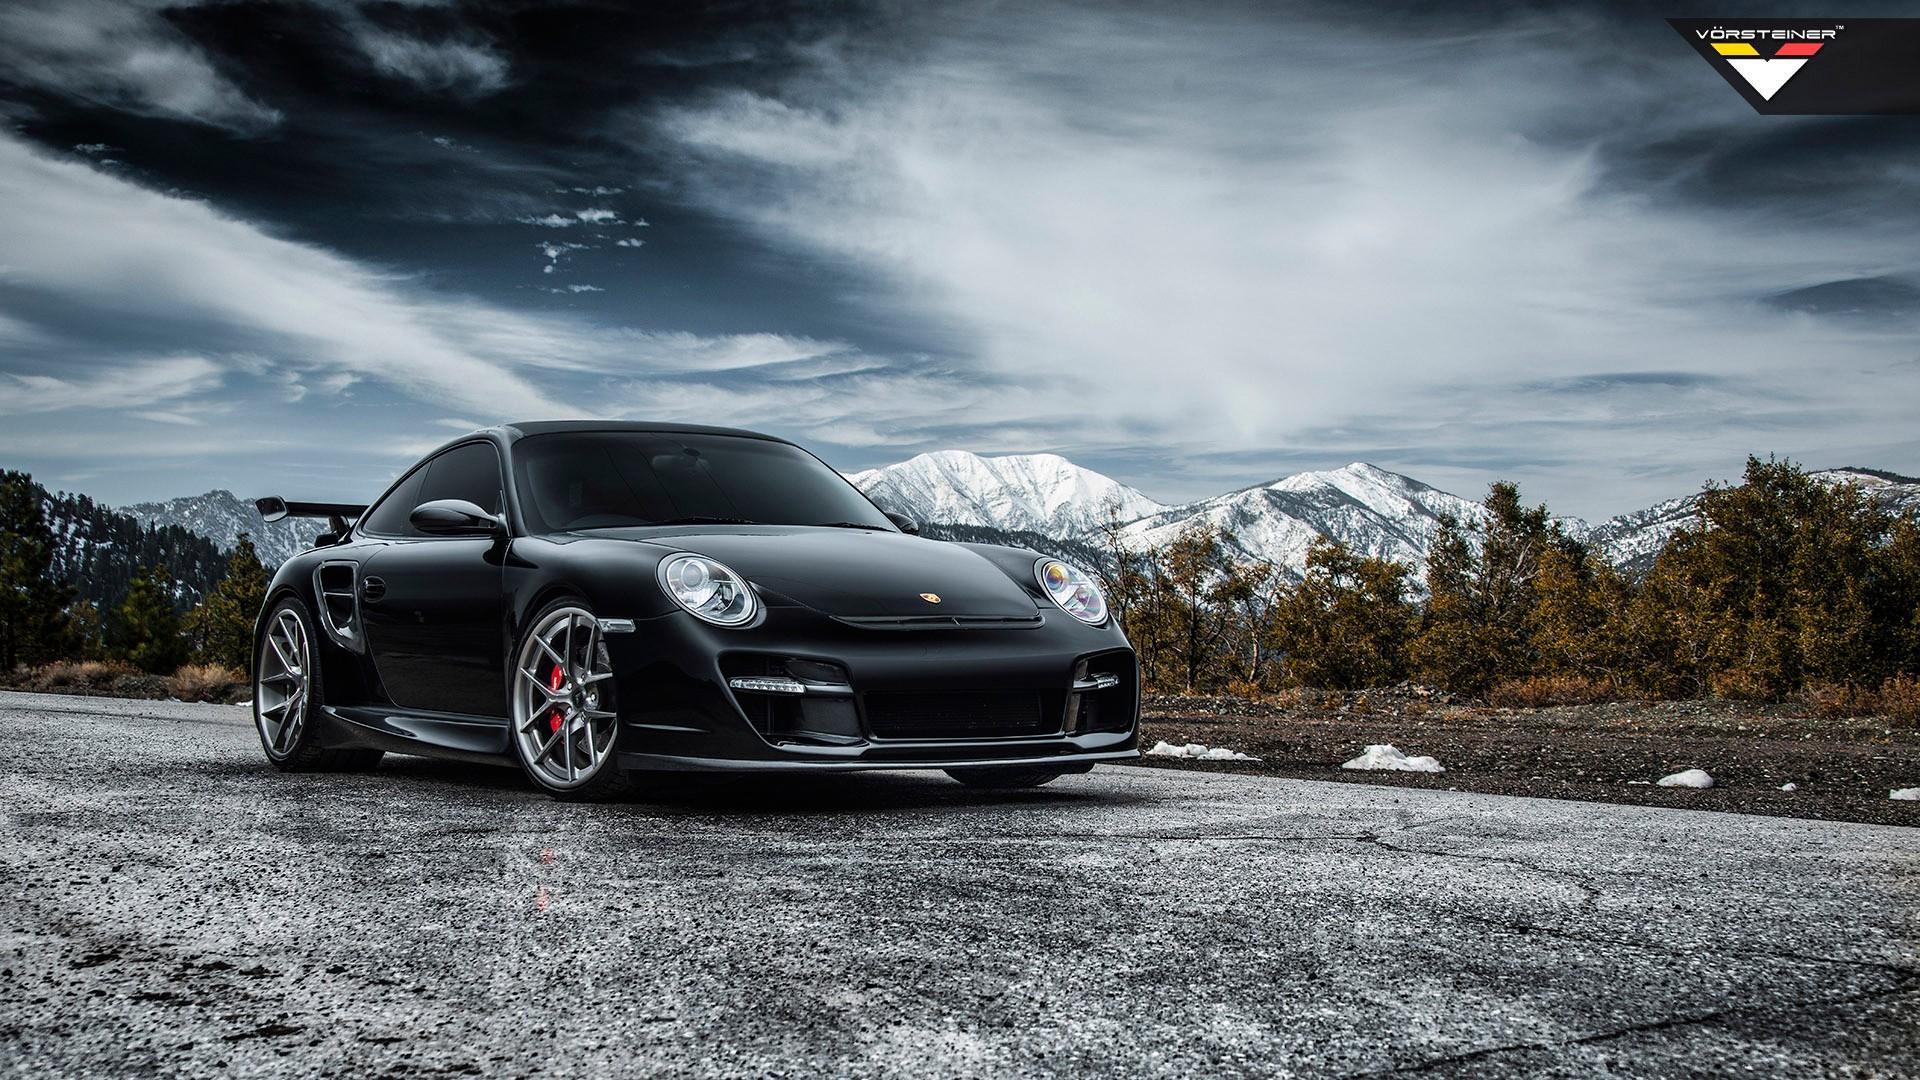 vorsteiner porsche 997 v rt edition 911 turbo wallpaper